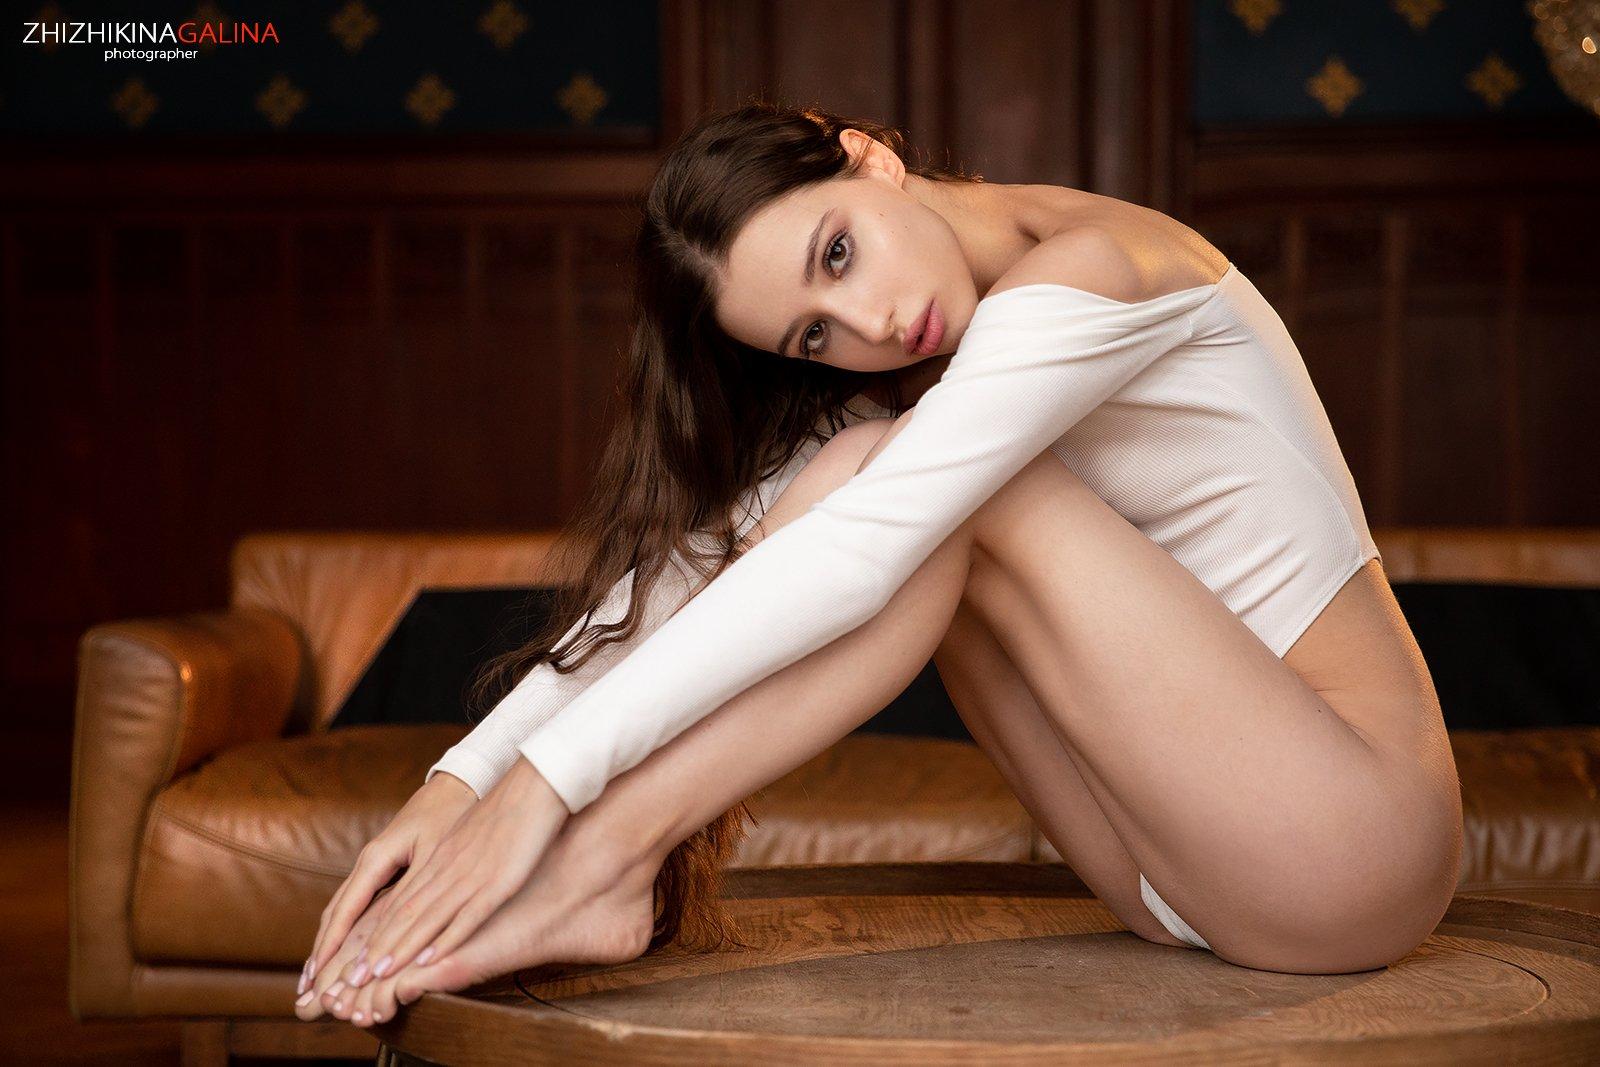 девушка, портрет, прикосновение, красивая, фото, фотограф, лицо, girl, portrait, face, beauty, Галина Жижикина